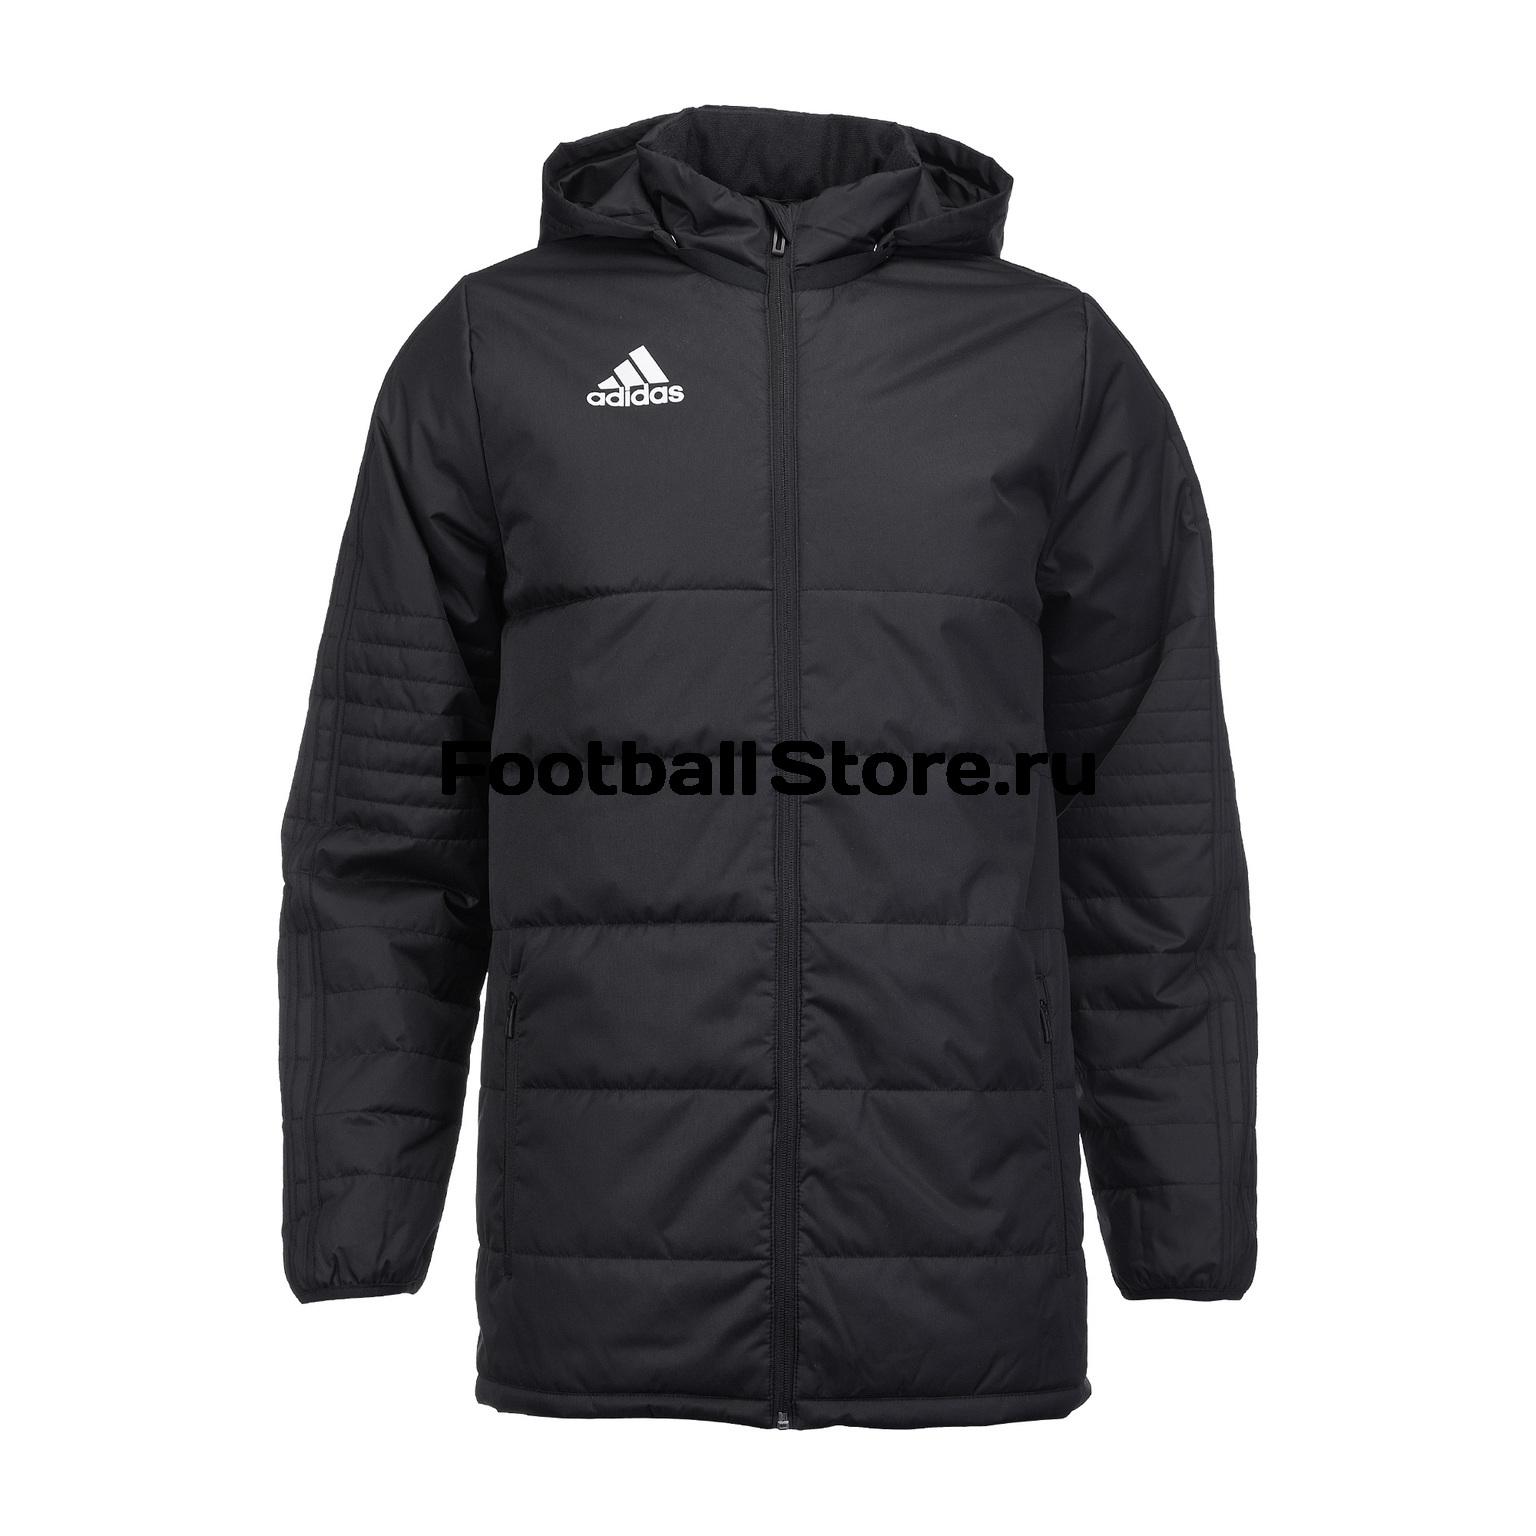 b19ef16e Куртка утепленная подростковая Adidas Tiro17 BS0047 – купить в интернет  магазине footballstore, цена, фото